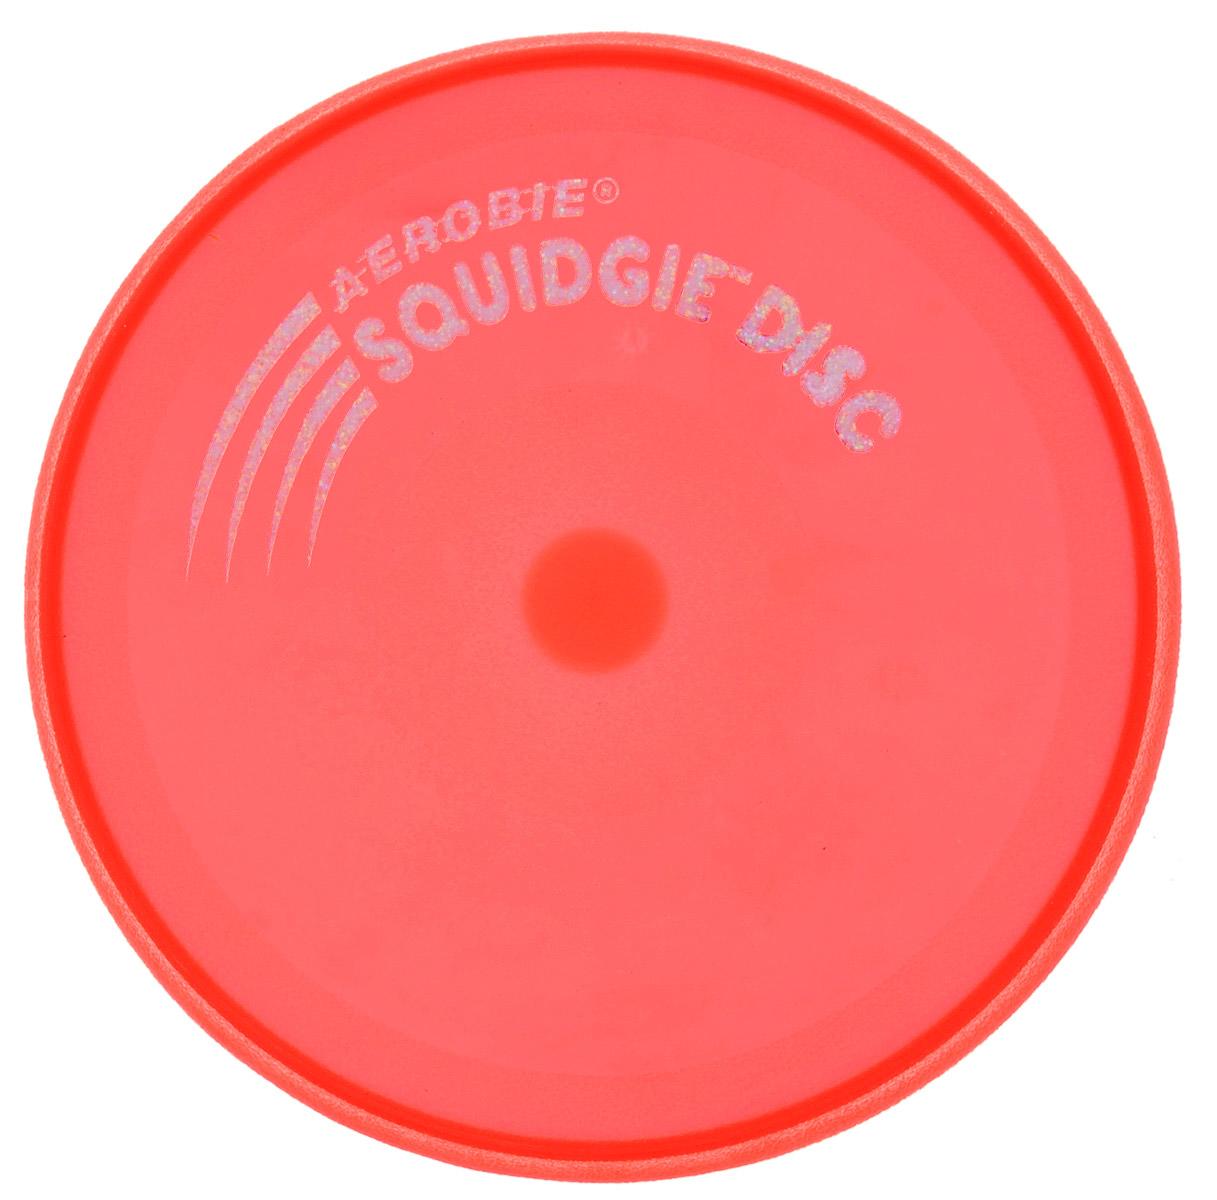 Aerobie Летающий диск Squidgie цвет коралловый81_коралловыйЛетающий диск Aerobie Squidgie имеет расширенный аэродинамический дизайн для повышения стабильности и точности. Диск очень гибкий и упругий, его удобно ловить. Диск плавает в воде, поэтому он идеально подходит для бассейна или пляжа. Игрушка мягкая, но прочная - собаки его тоже полюбят!